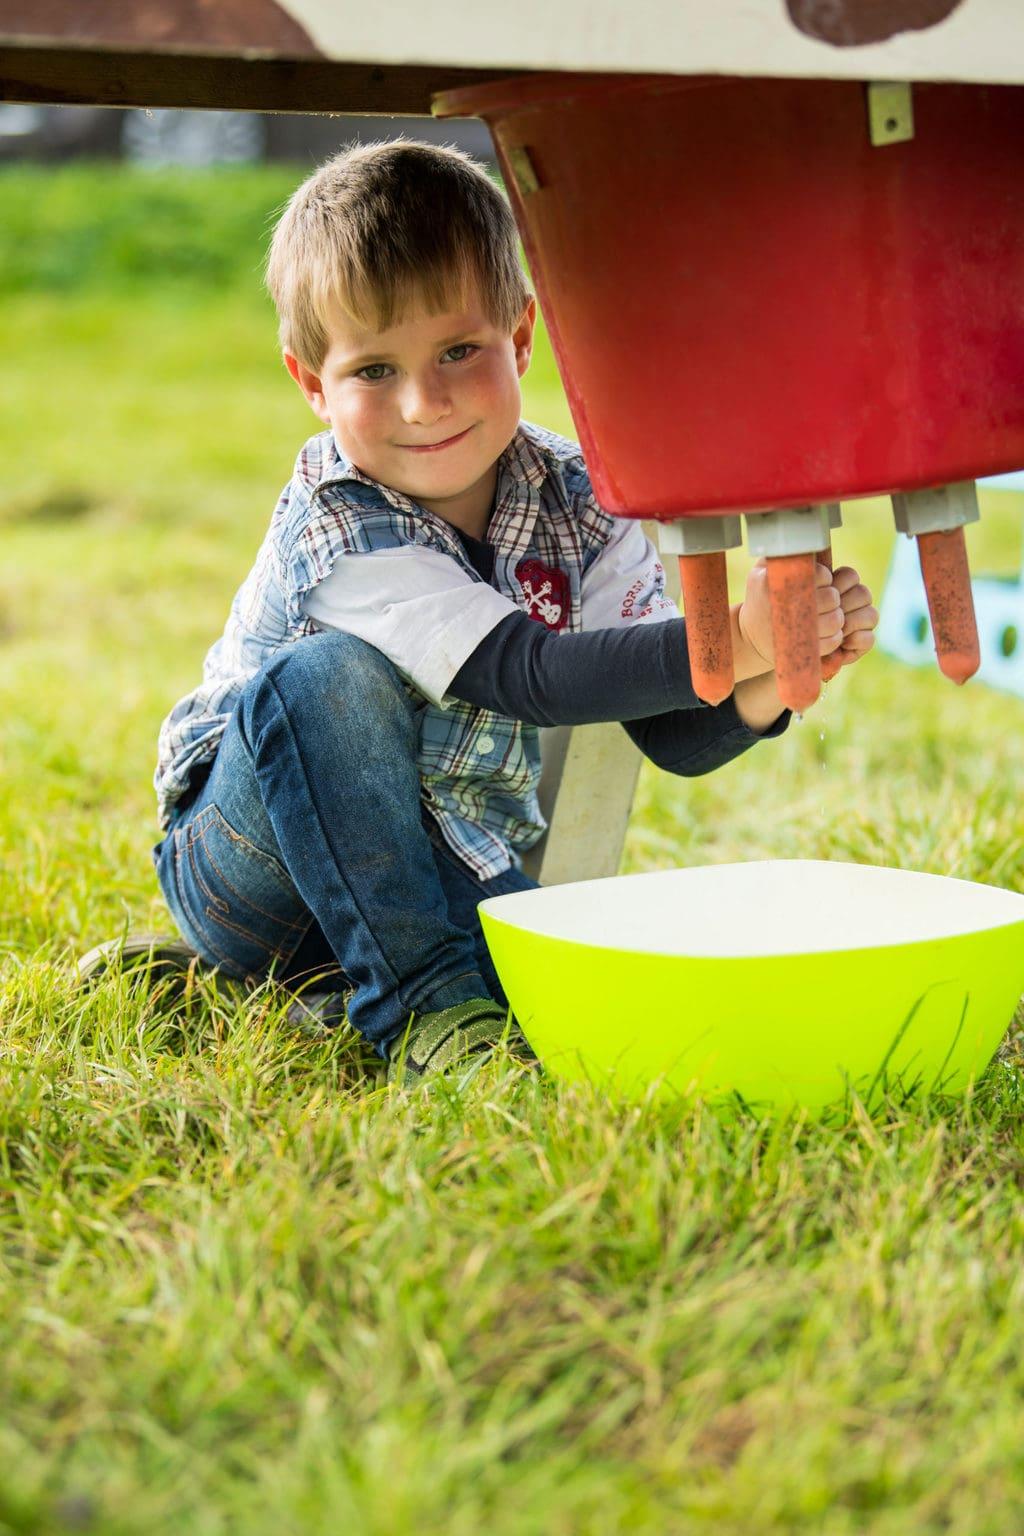 Een kleine jongen tap melk uit een houten koe